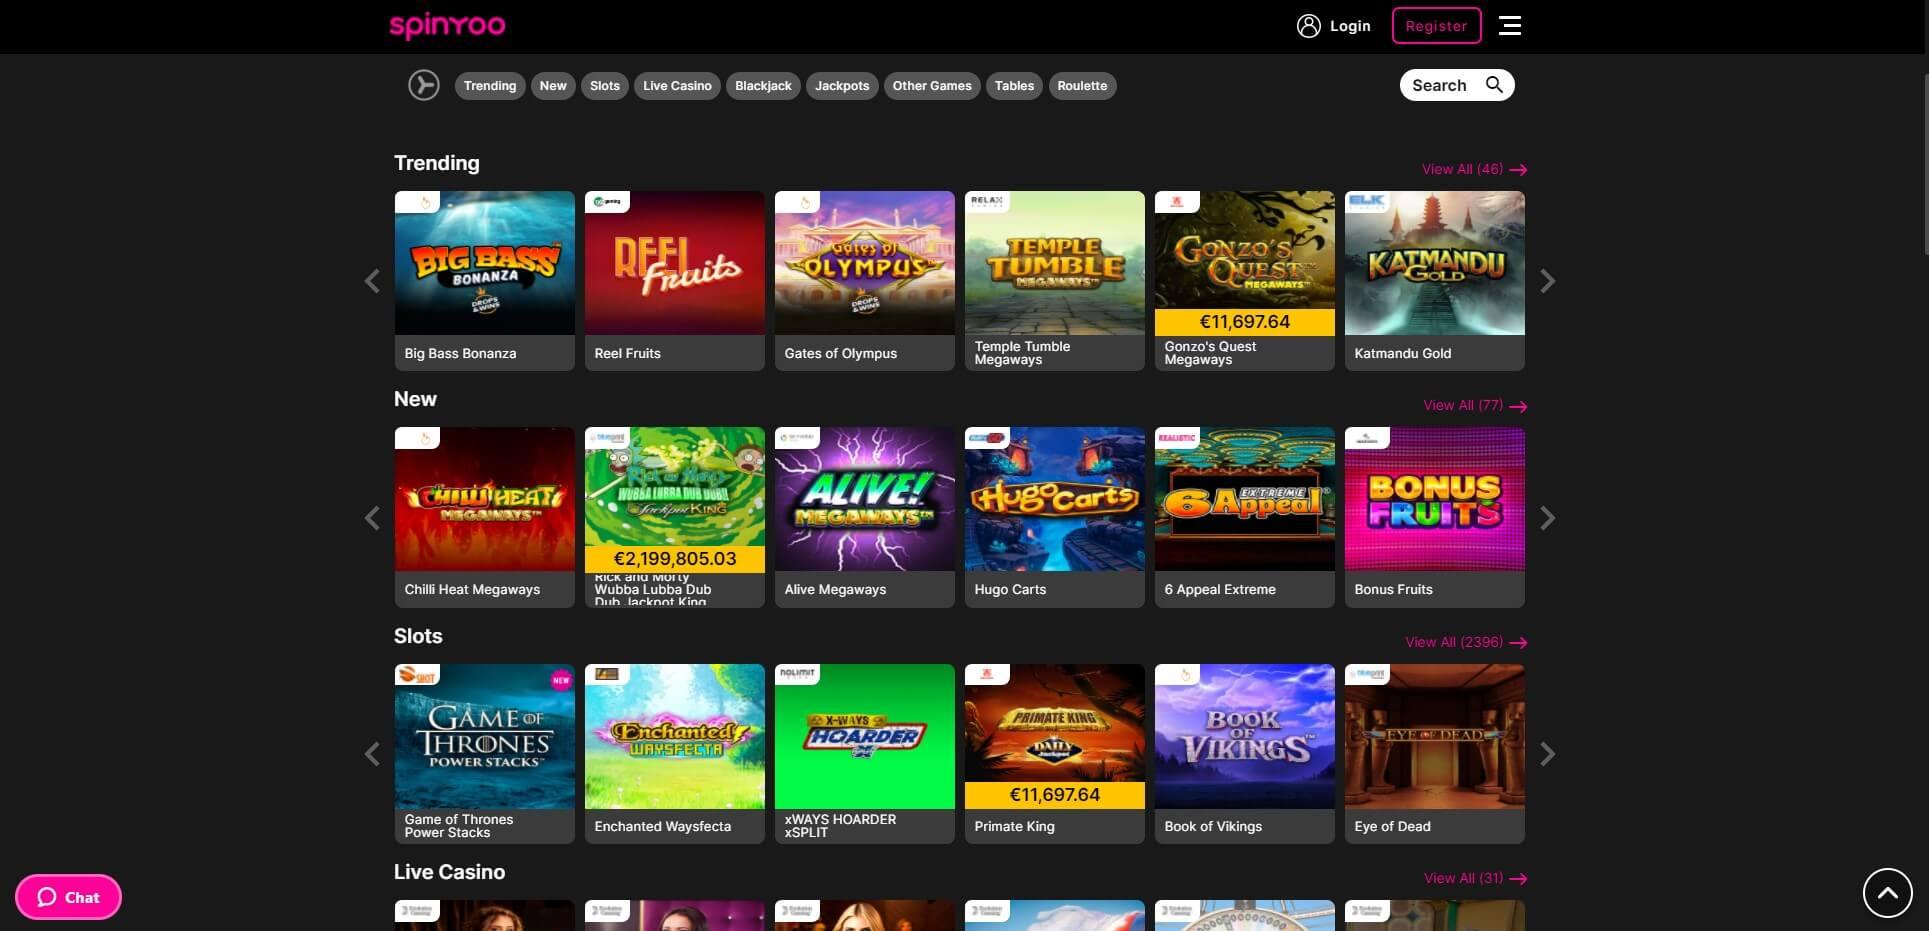 Games at Spinyoo Casino